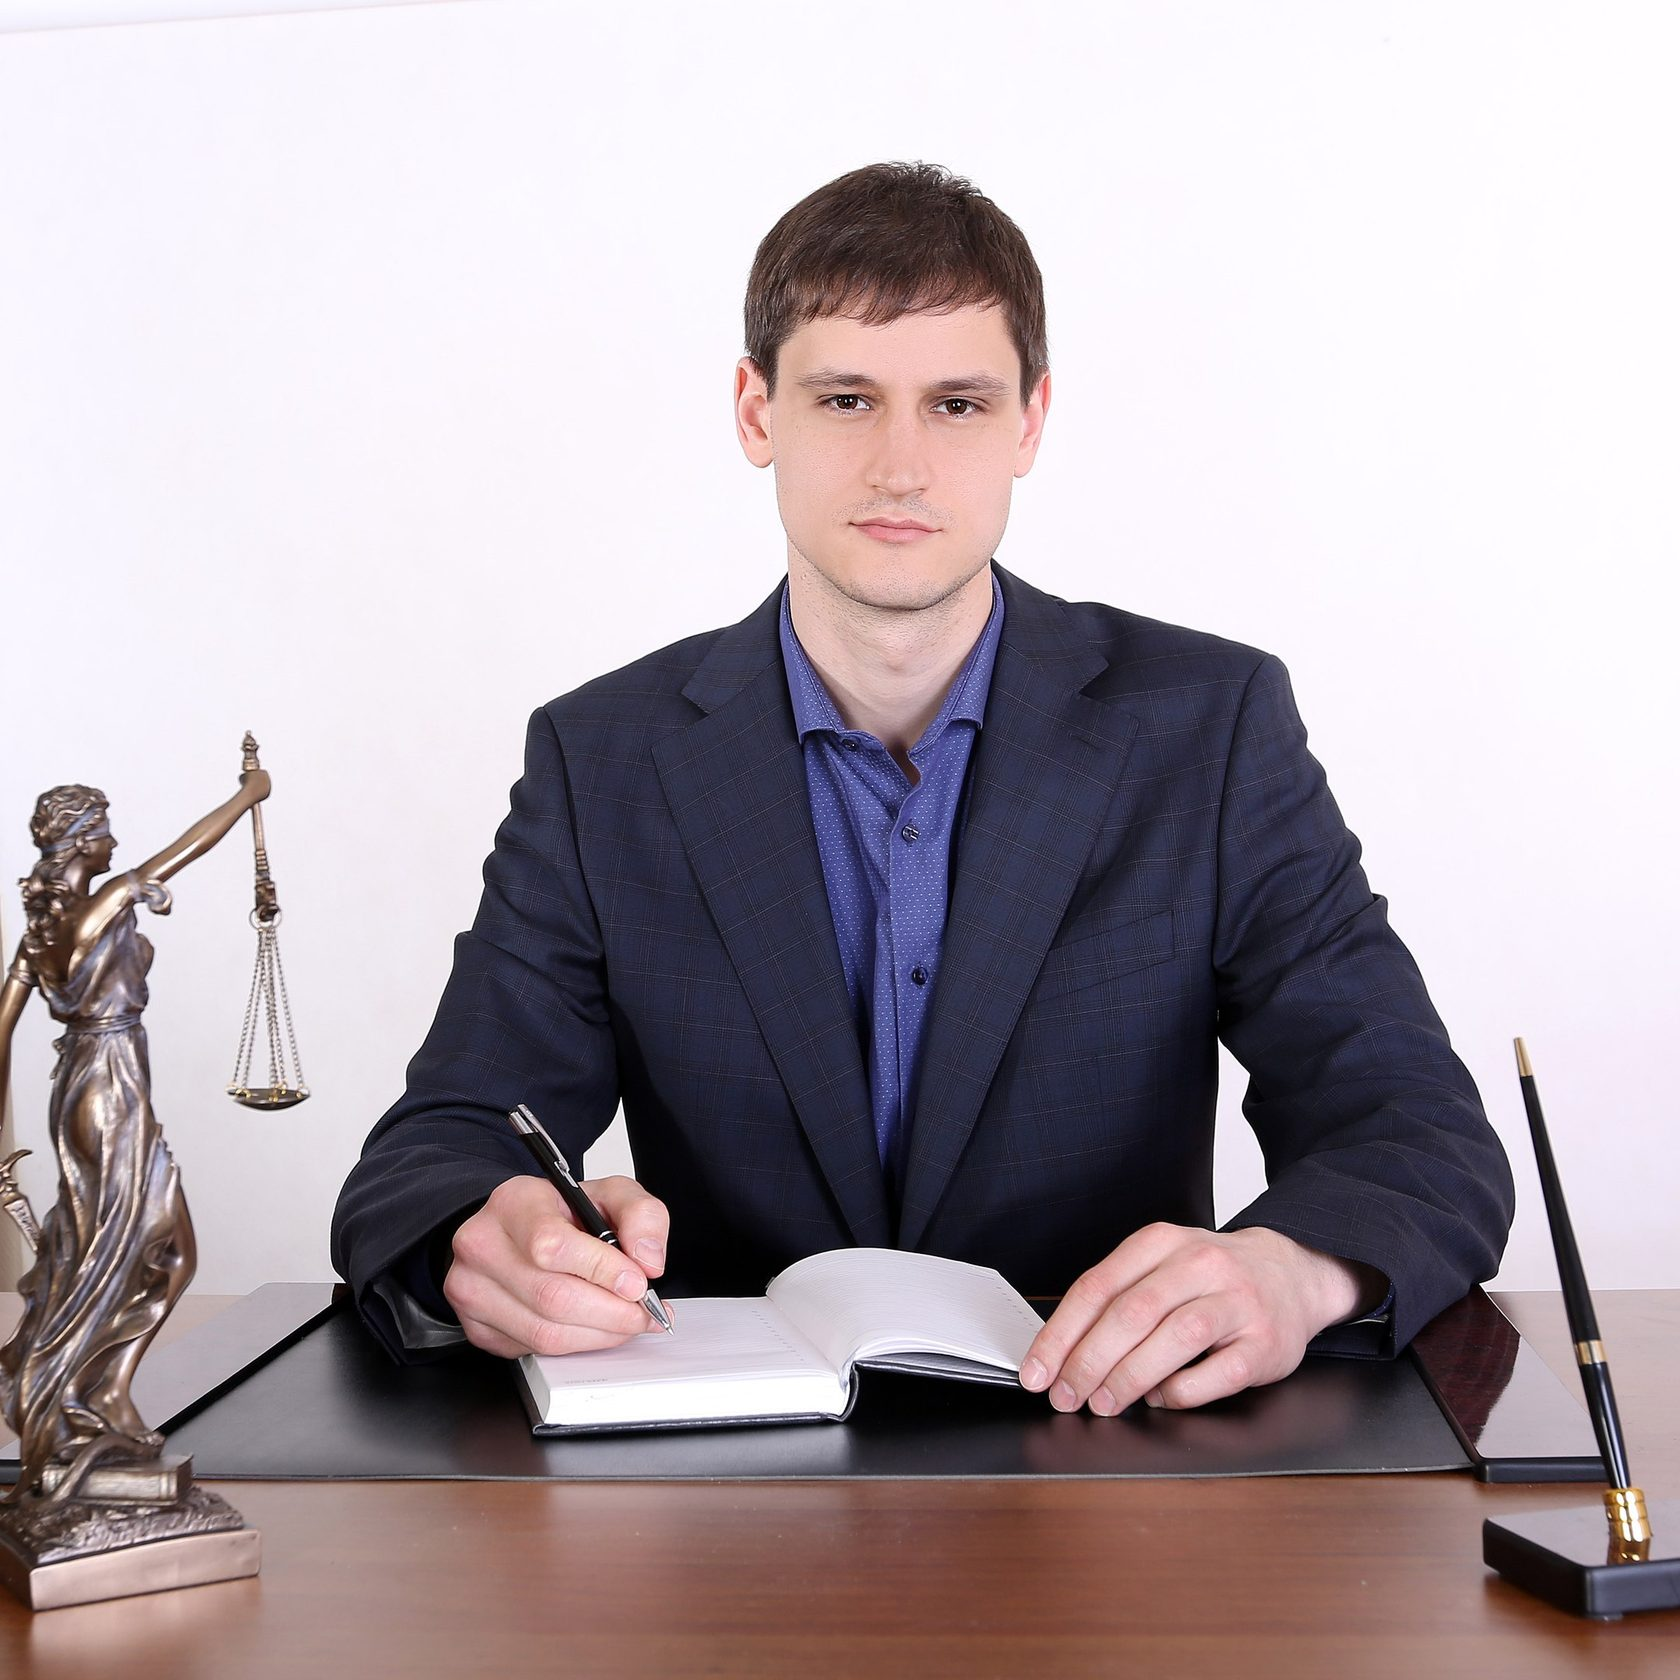 Несмотря на огромное количество предложений на рынке юридических услуг по банкротству физических лиц, довольно-таки сложно сделать правильный выбор.